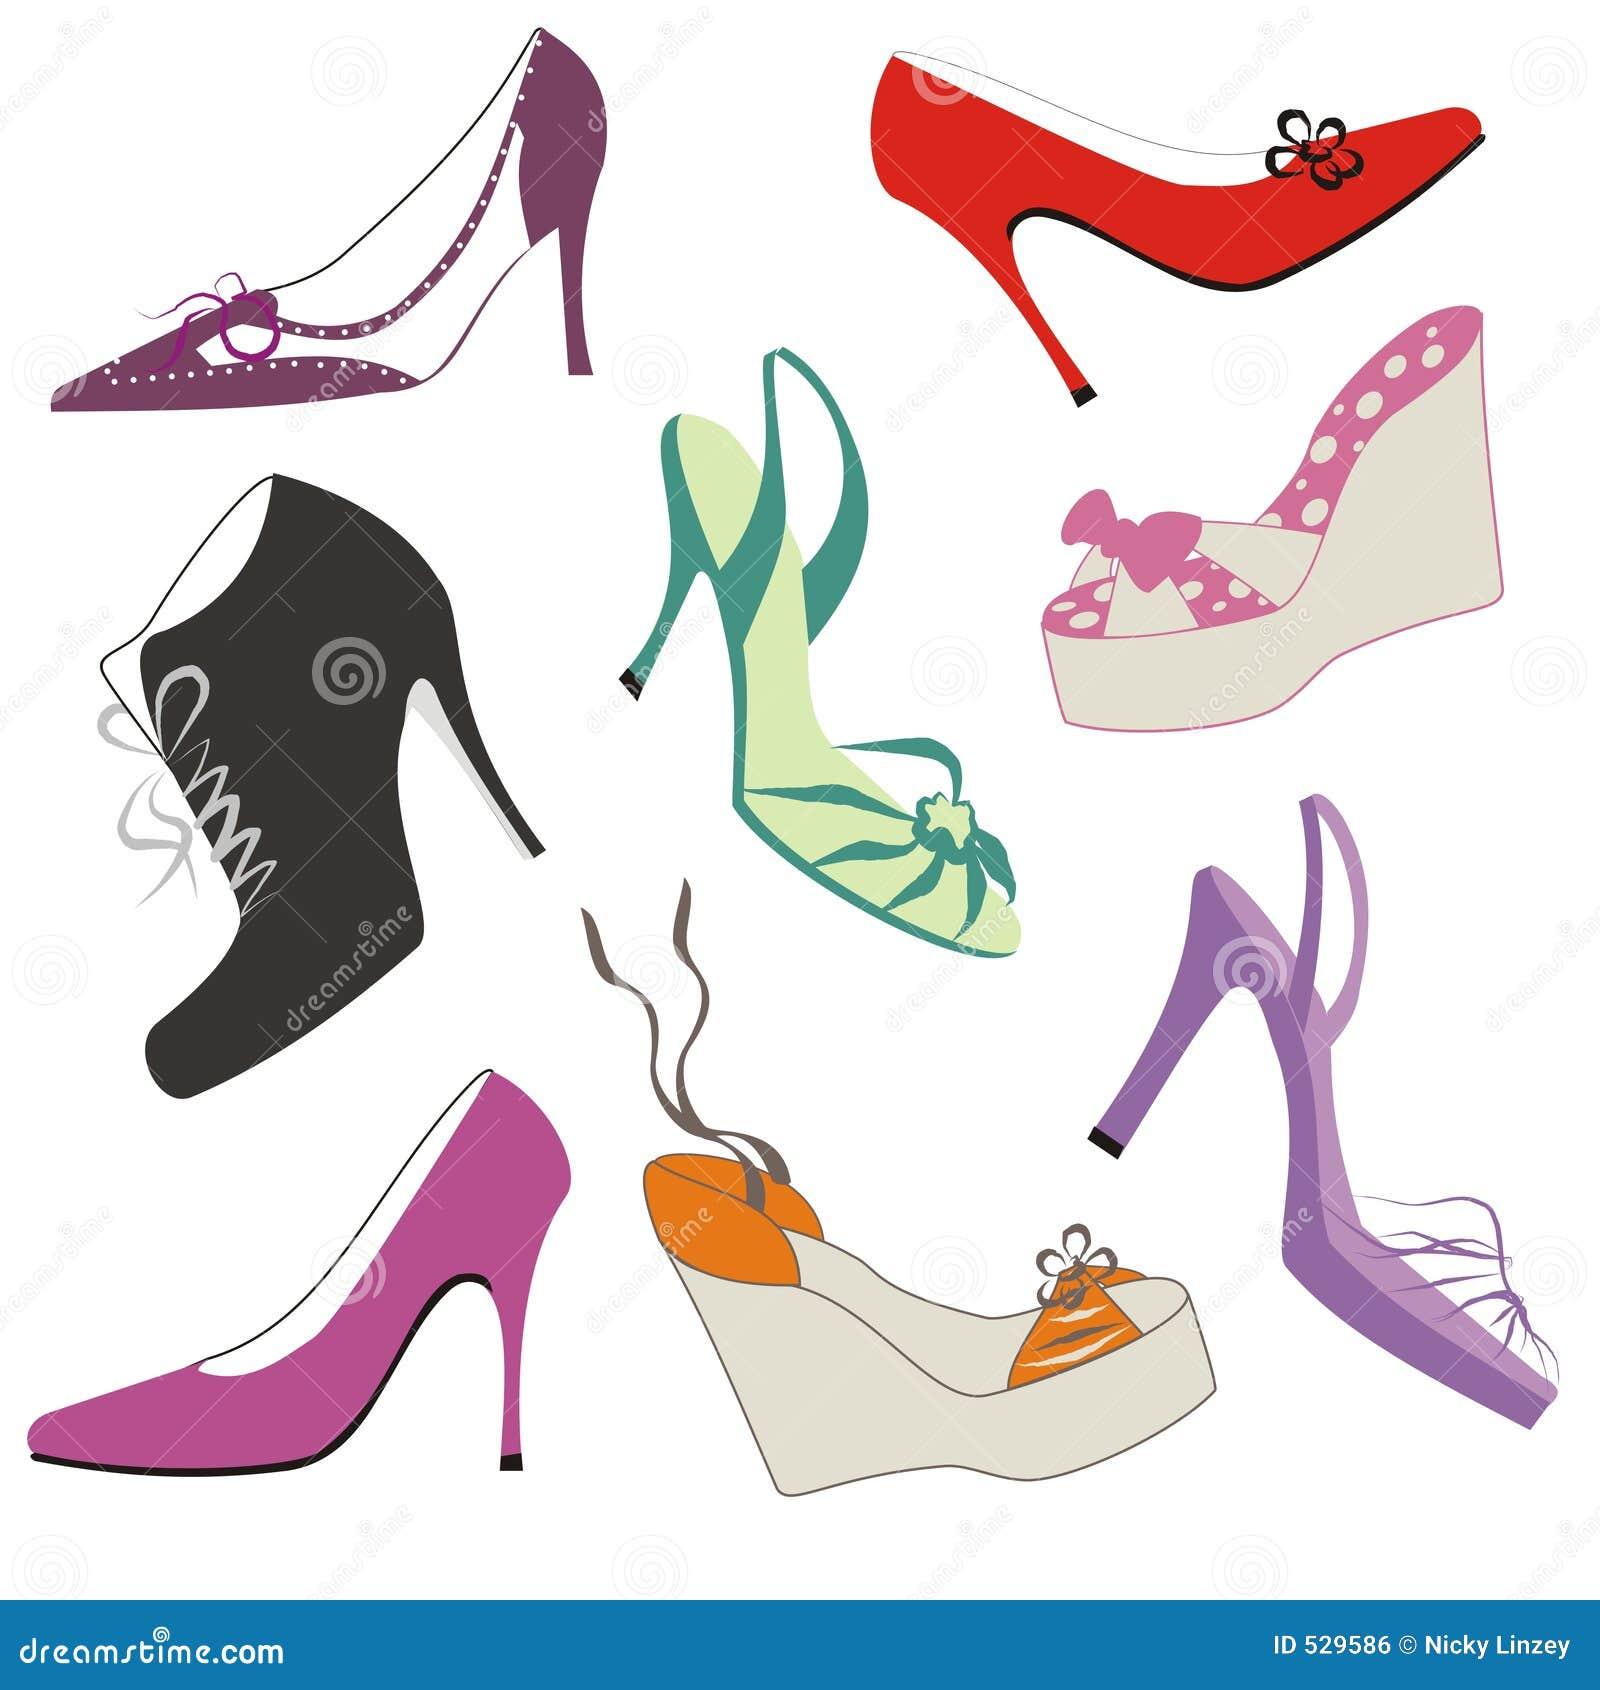 New Elad Mualem Illustration Women Shoe Illustration